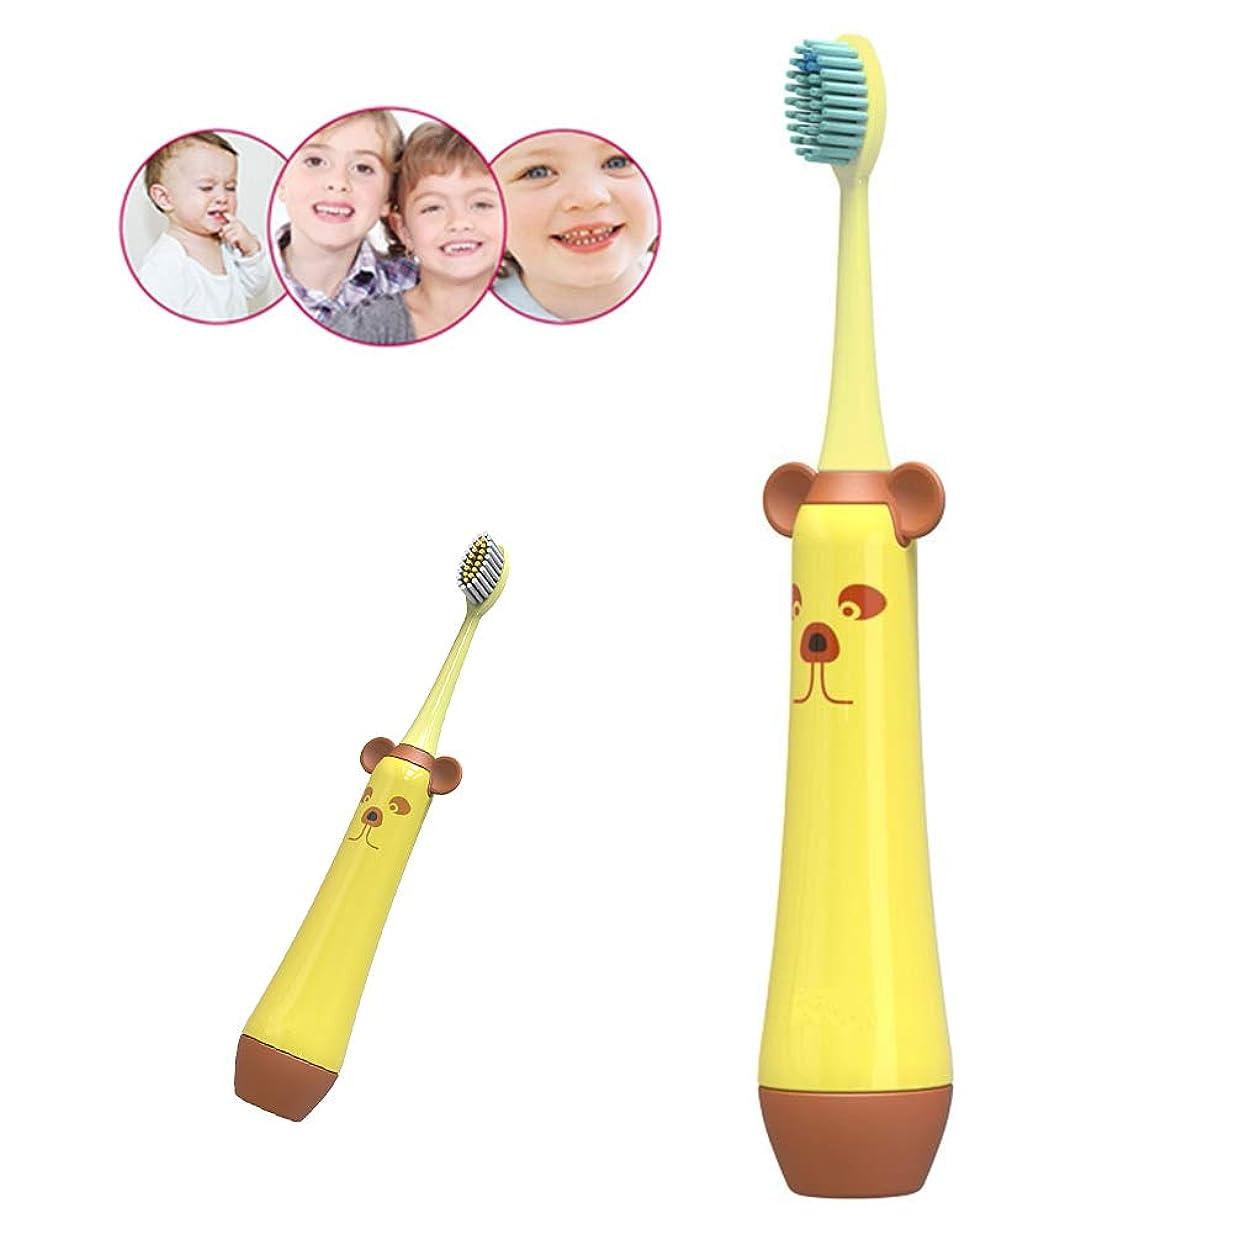 幼児裁判所発信歯ブラシヘッド変色リマインダー交換機能付きキッズ歯ブラシ、毎分15,000振動、5歳以上の子供に適した防水ベビーギフト